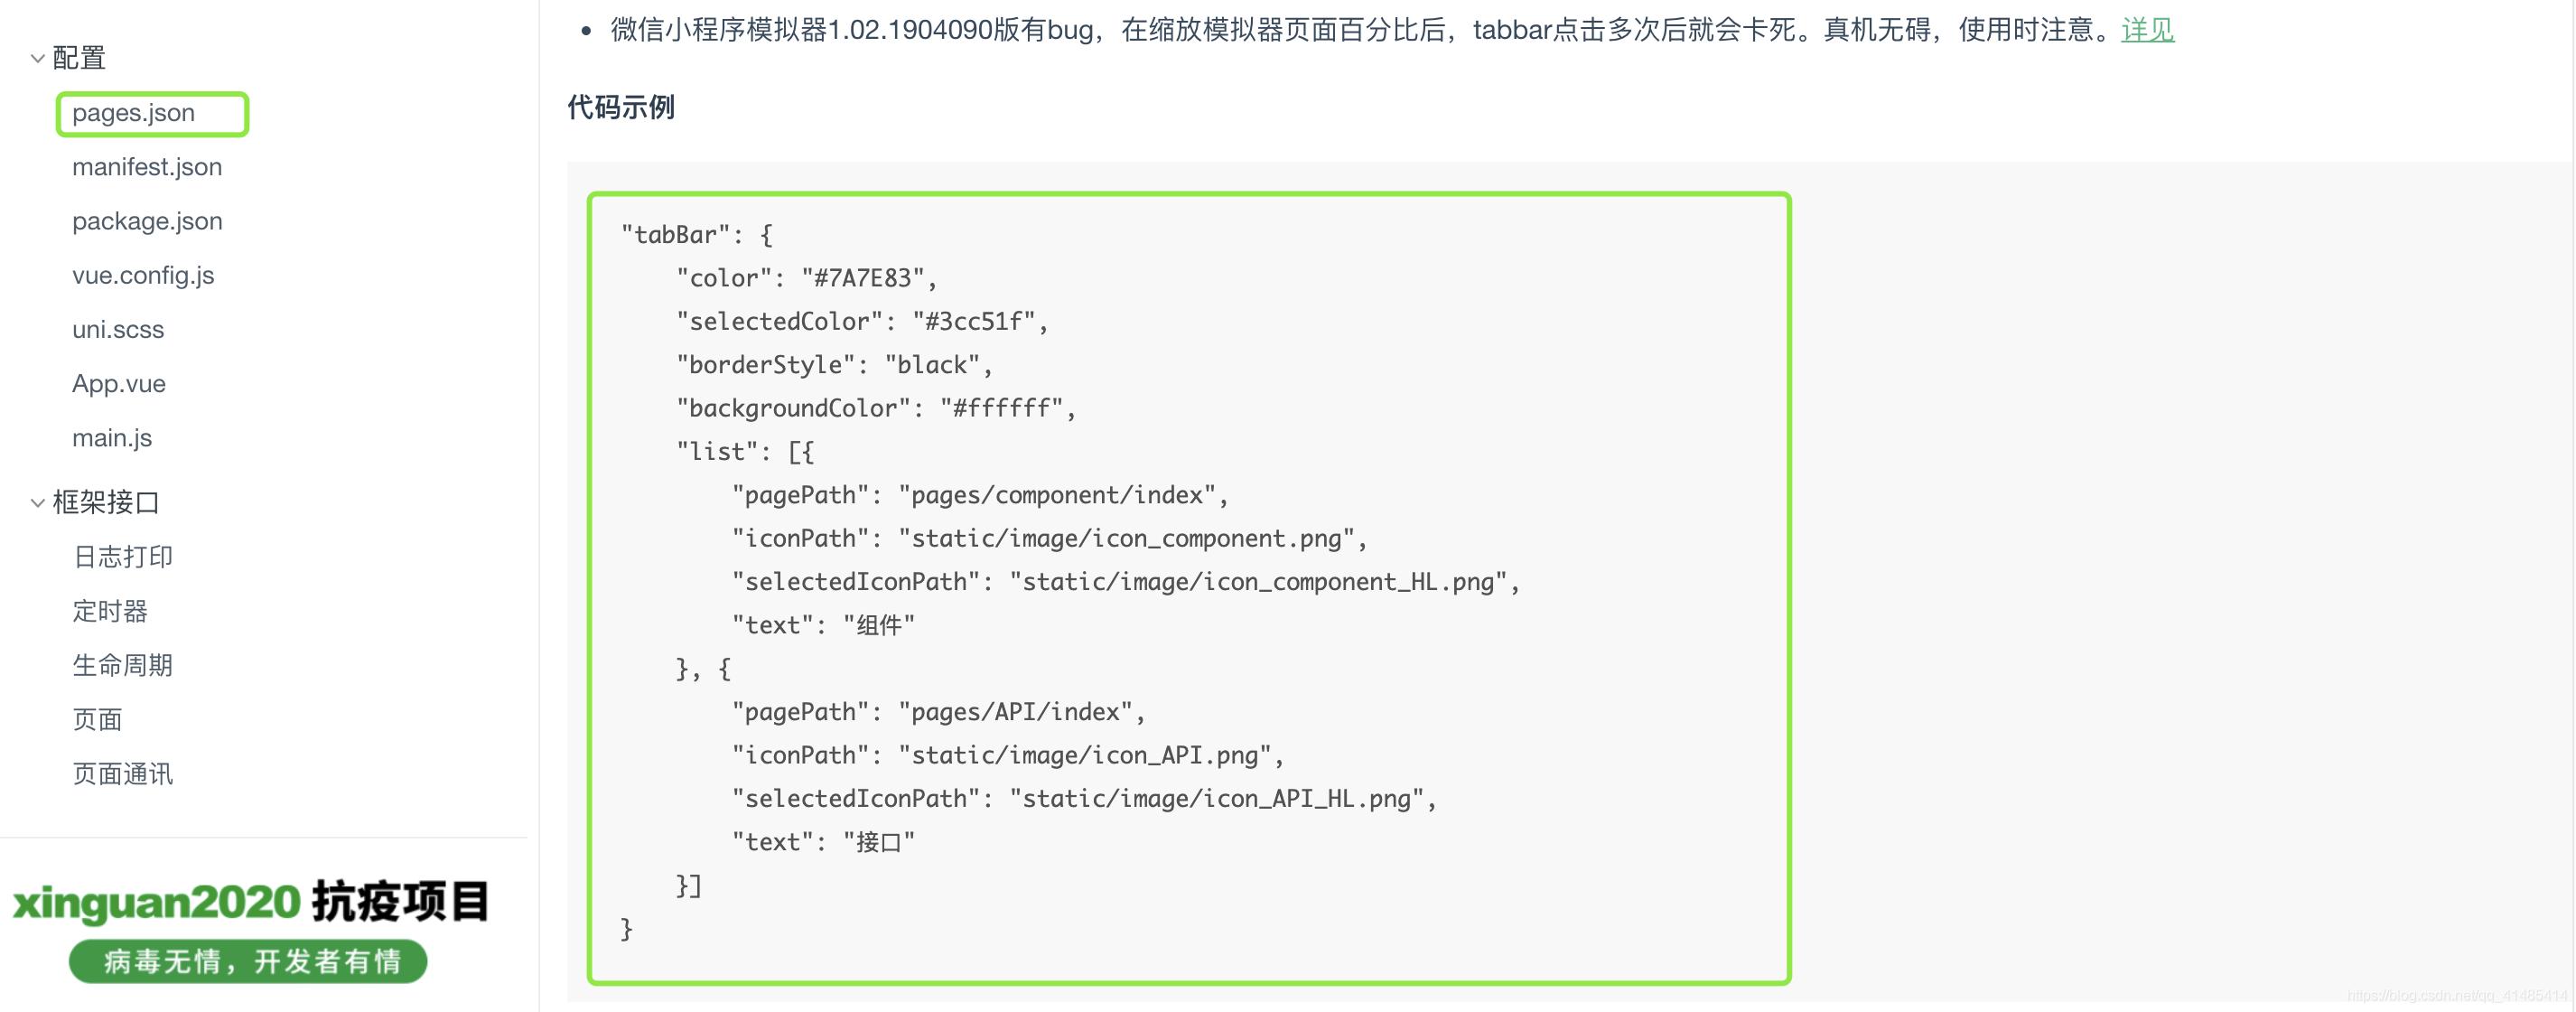 [外链图片转存失败,源站可能有防盗链机制,建议将图片保存下来直接上传(img-T56Uycny-1584591716186)(evernotecid://72A0867B-C2C9-4394-90F0-D1AD032DA4AC/appyinxiangcom/24072006/ENResource/p142)]